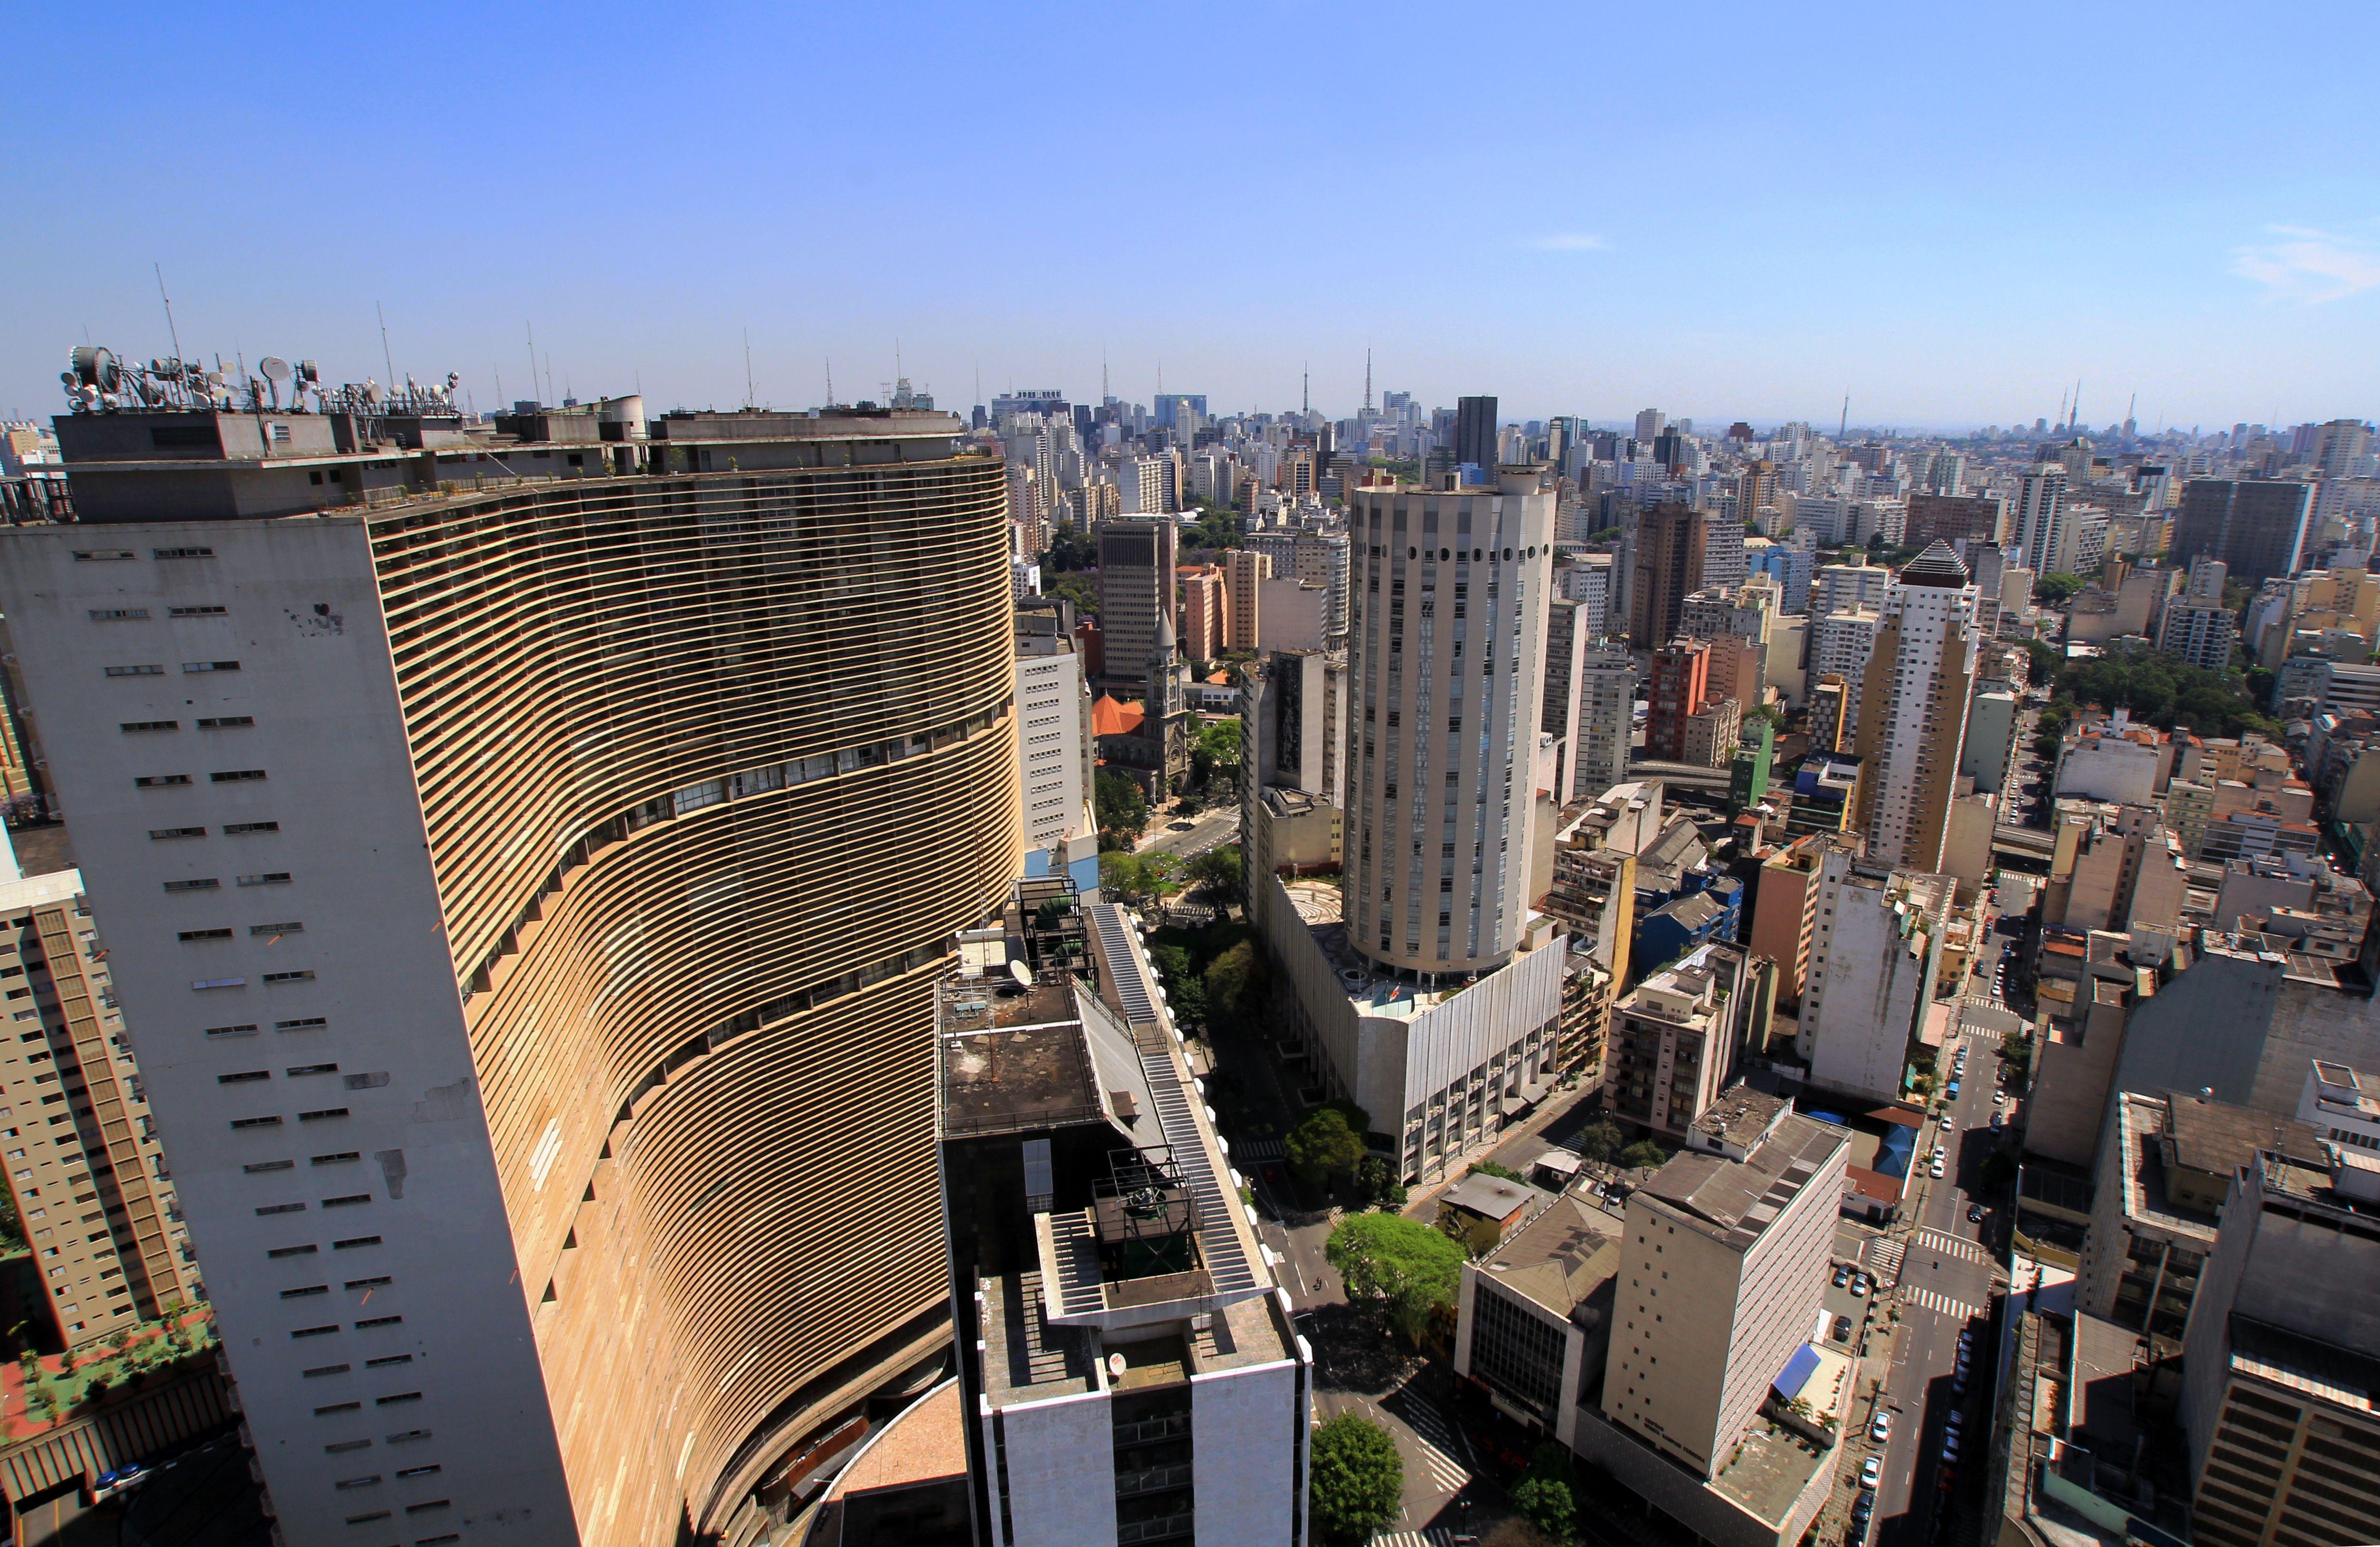 Oscar Niemeyer's 38-story S-shaped residential building in São Paulo, Brazil.